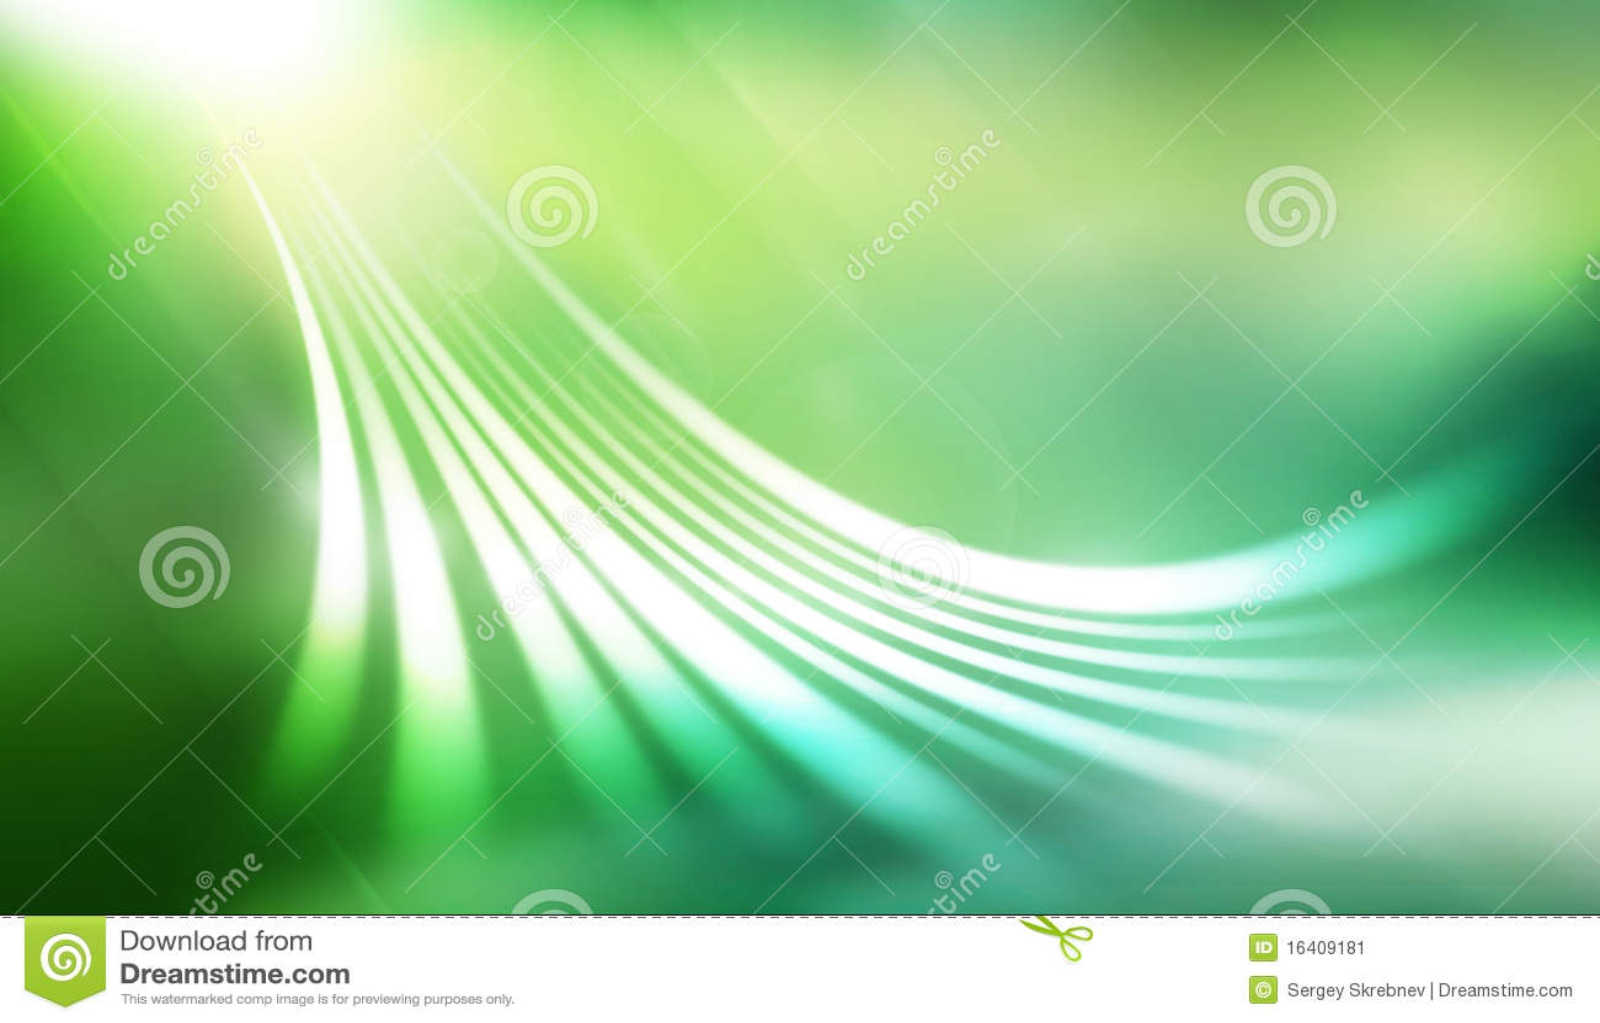 Vert abstrait de fond